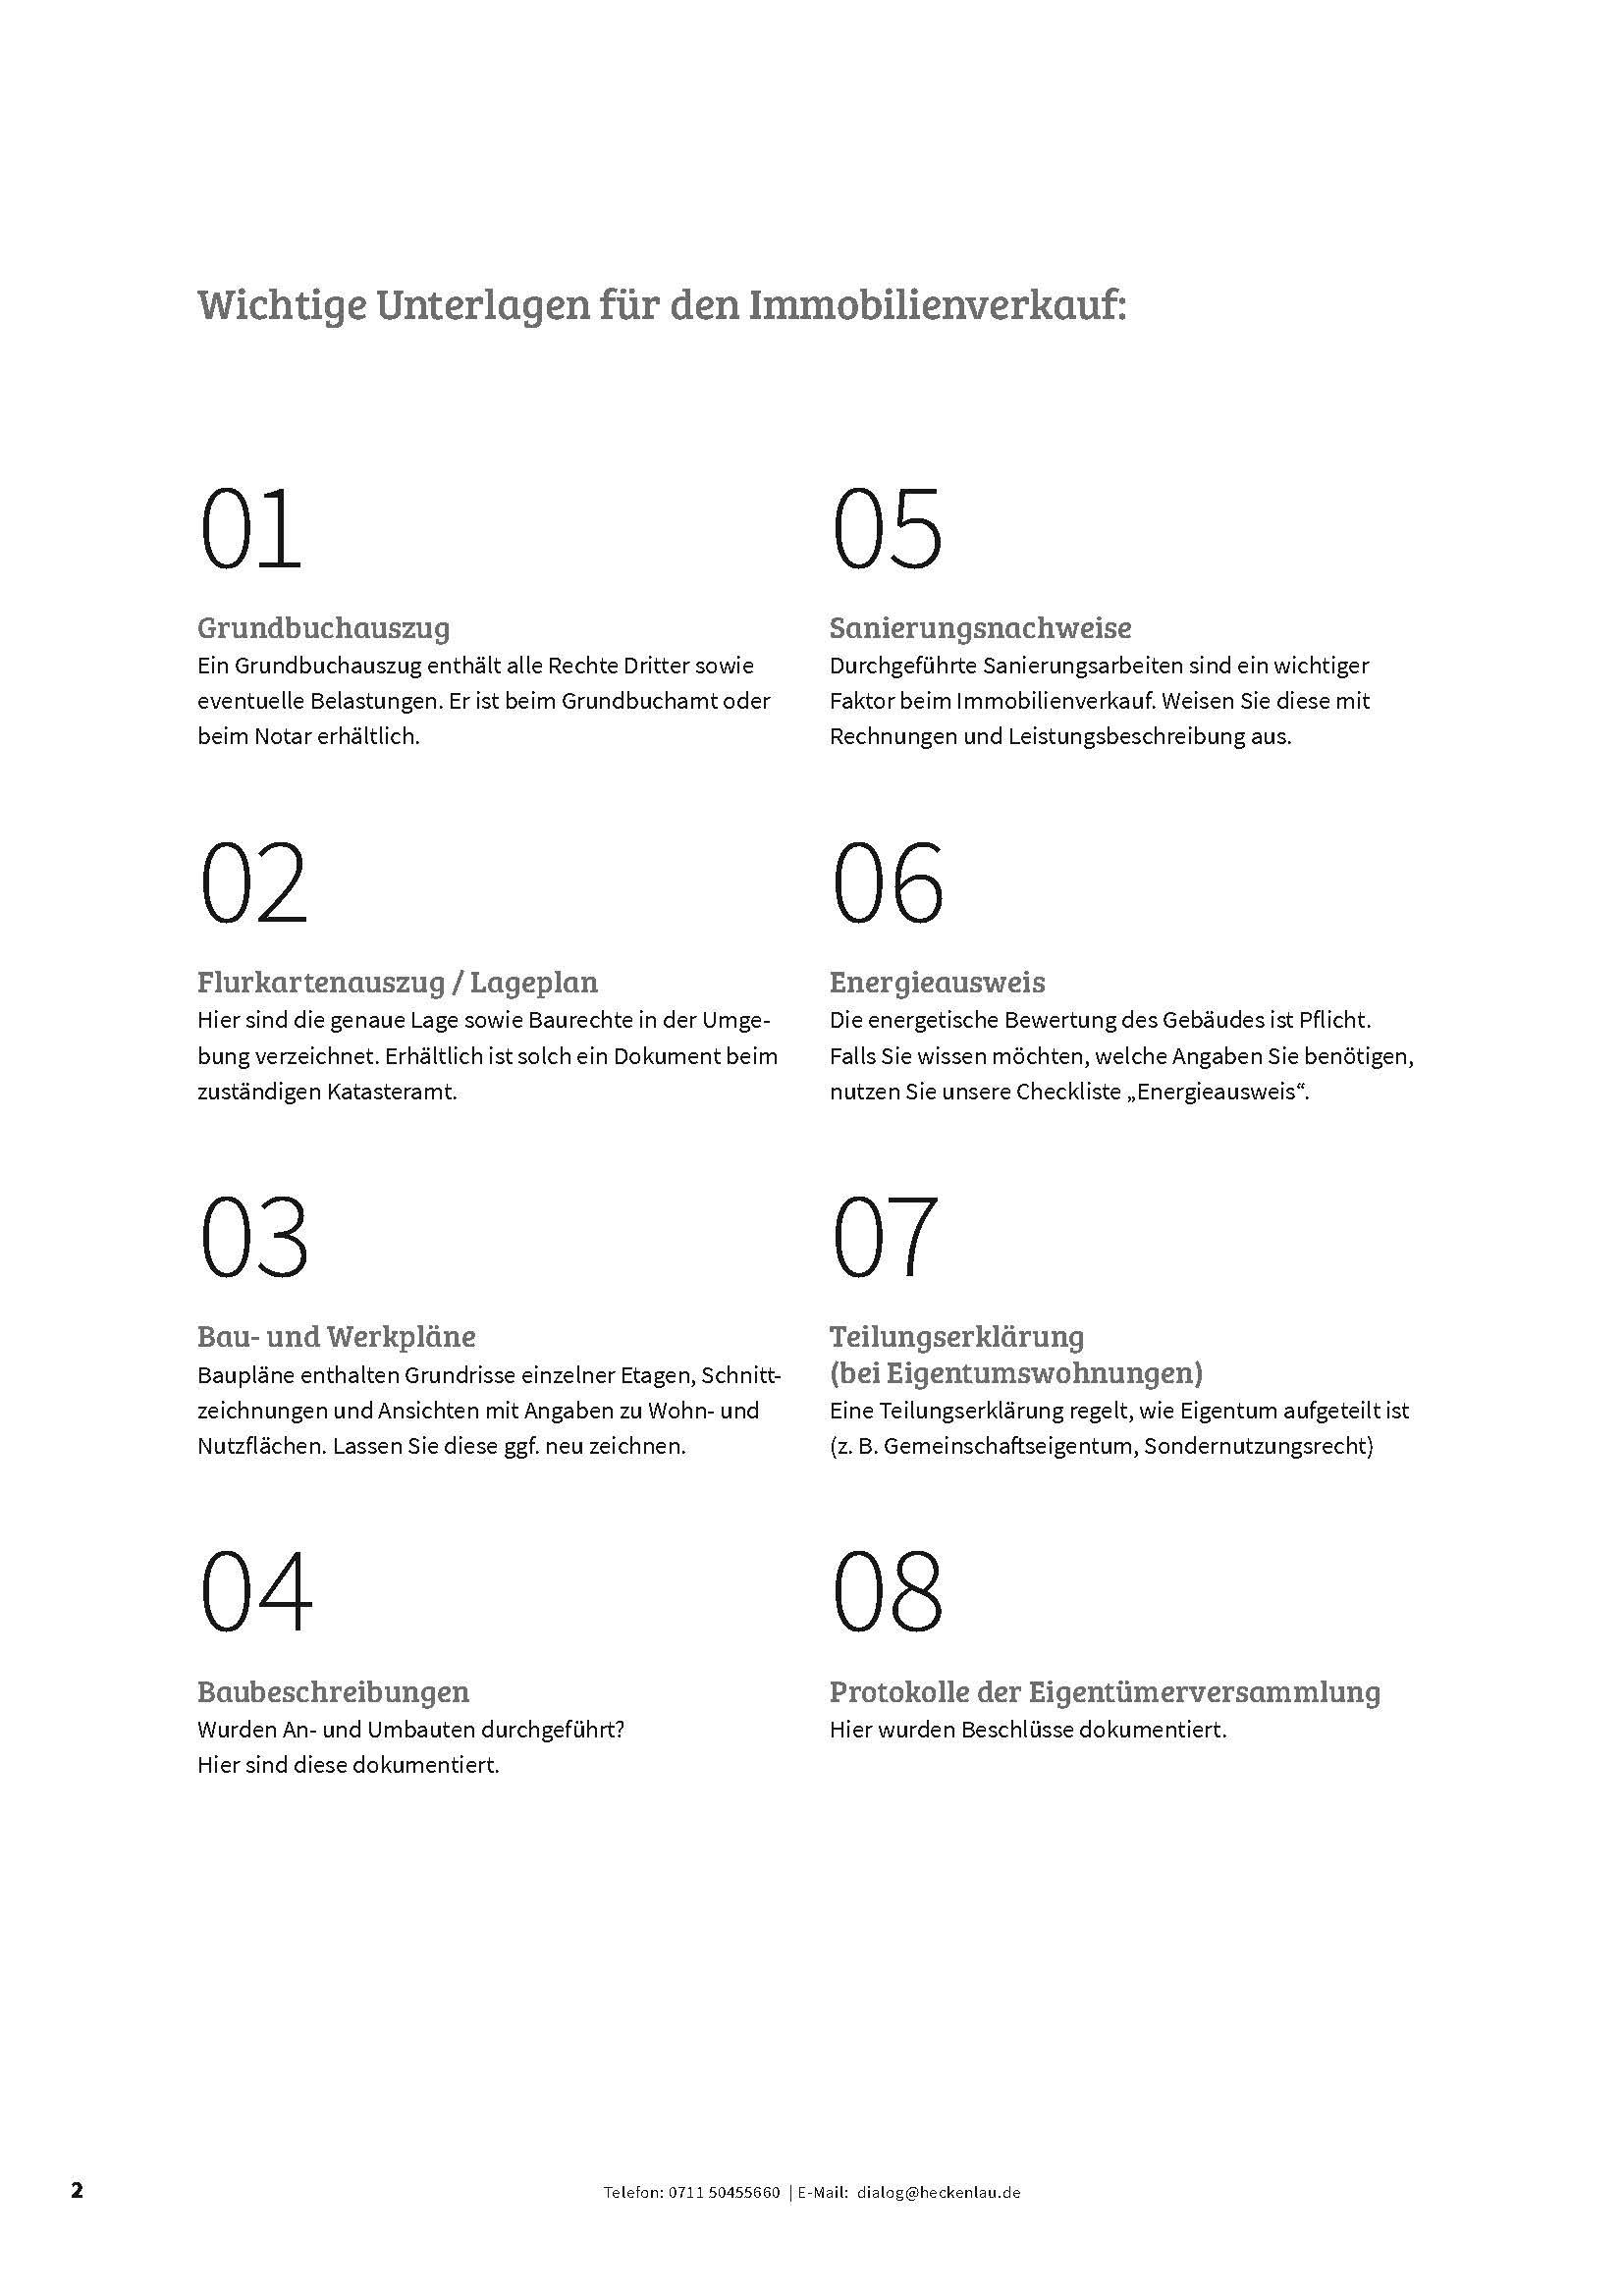 Wichtige Verkaufsunterlagen - Checkliste von Heckenlau Immobilien - Makler für den Verkauf von Wohnimmobilien in Stuttgart